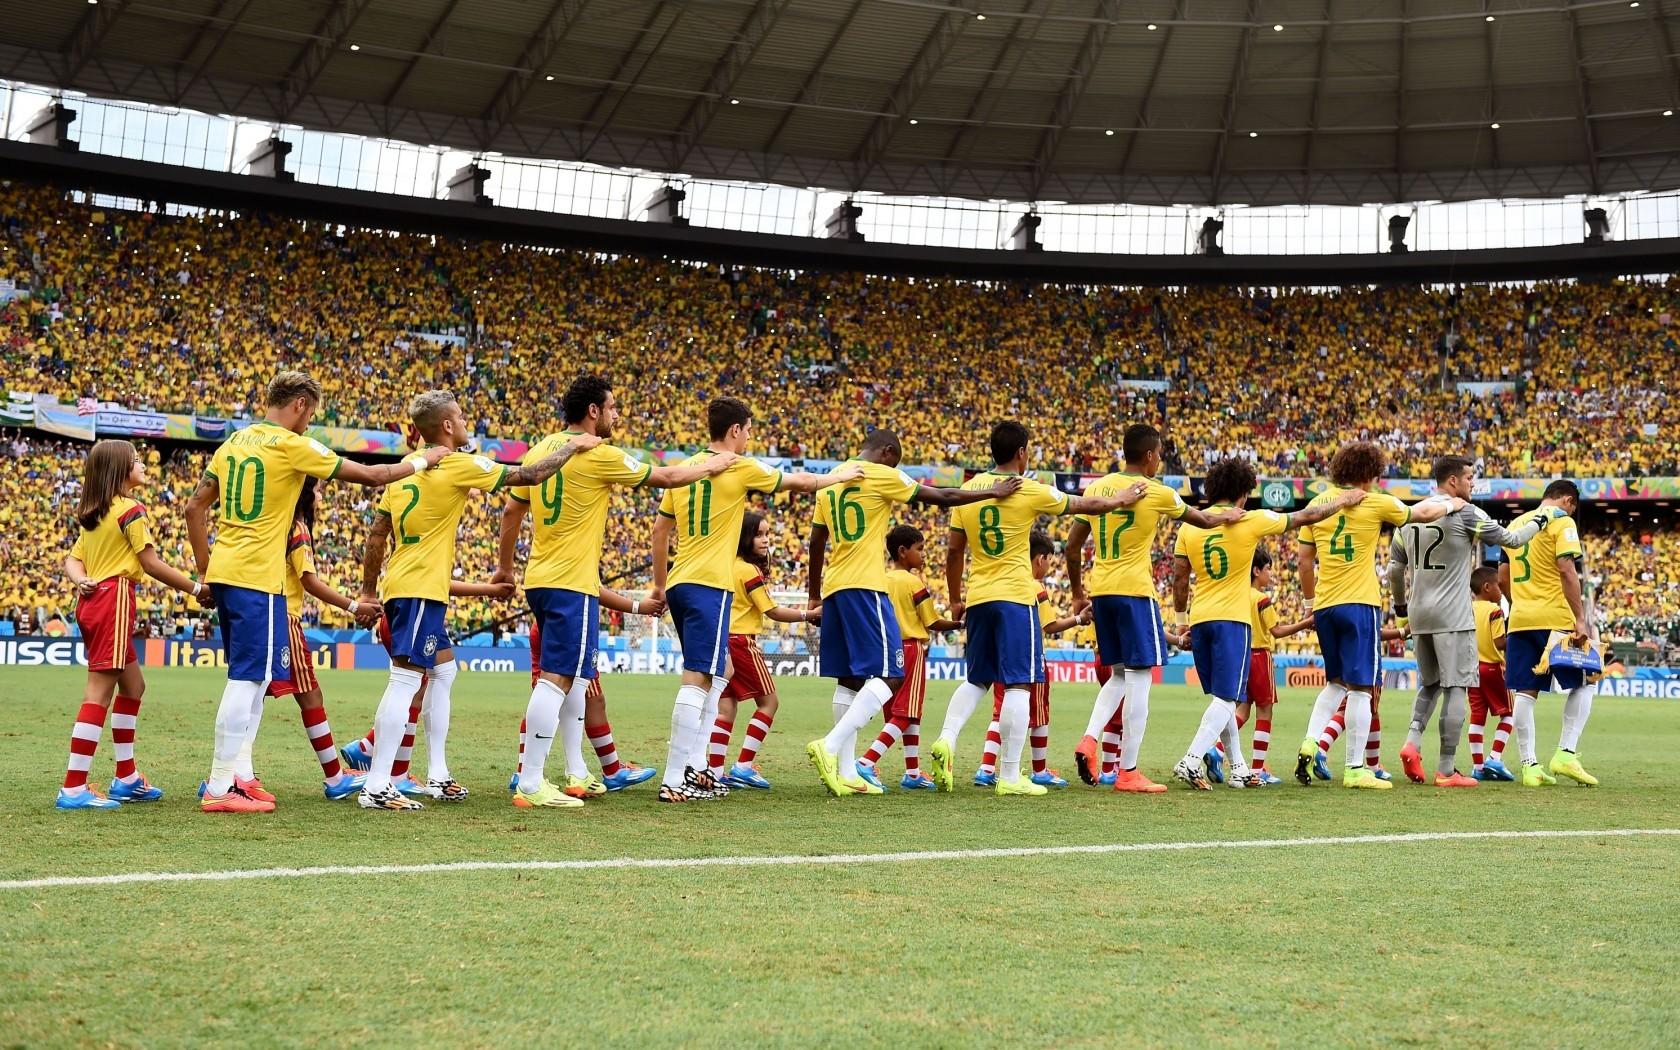 壁纸秀 巴西国家队图片